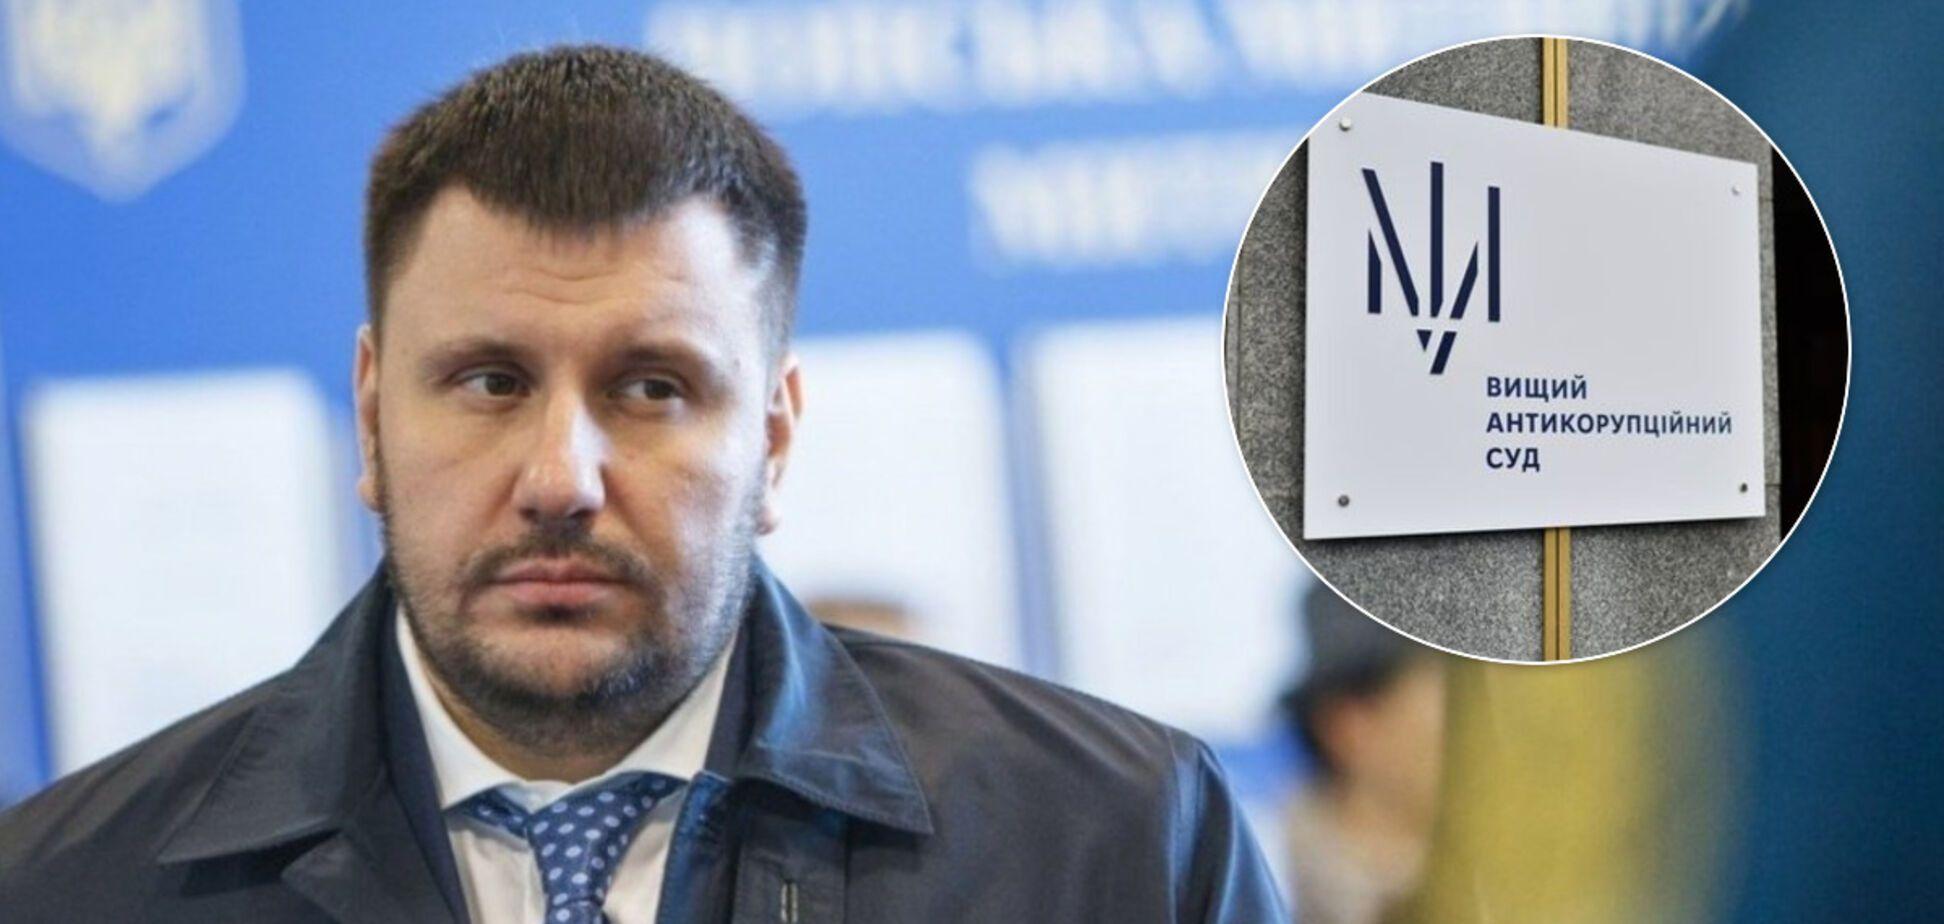 У ВАКС назвали скасування заочного арешту ексміністра Клименка помилкою